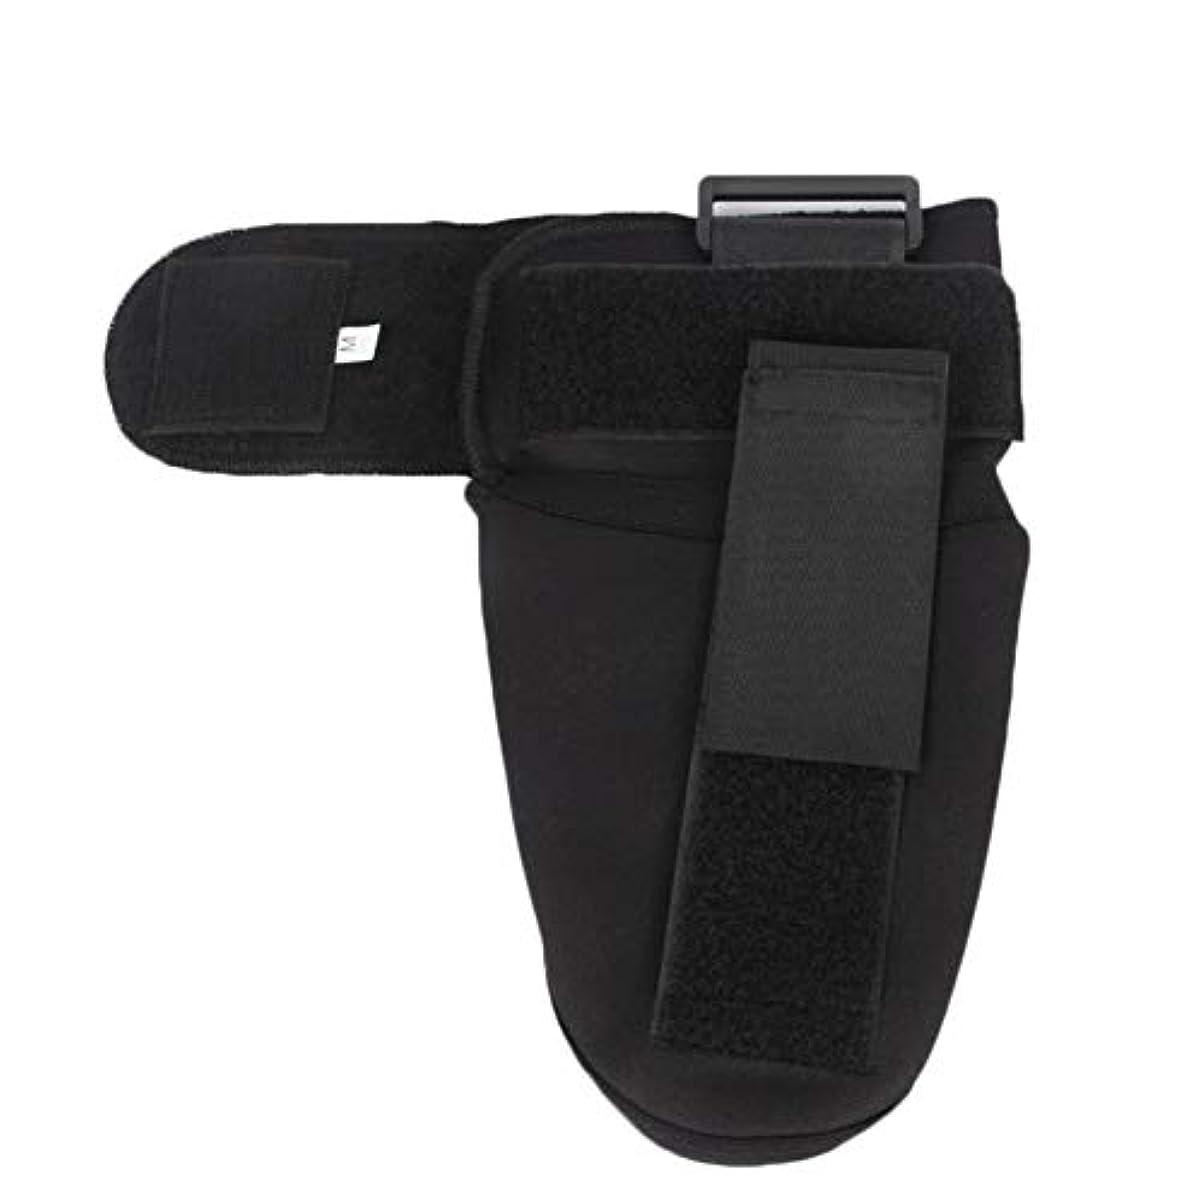 まつげ有毒な狐Xlp 足の痛みを軽減するための足底足首サポートベルトソフト通気性フットプロテクター